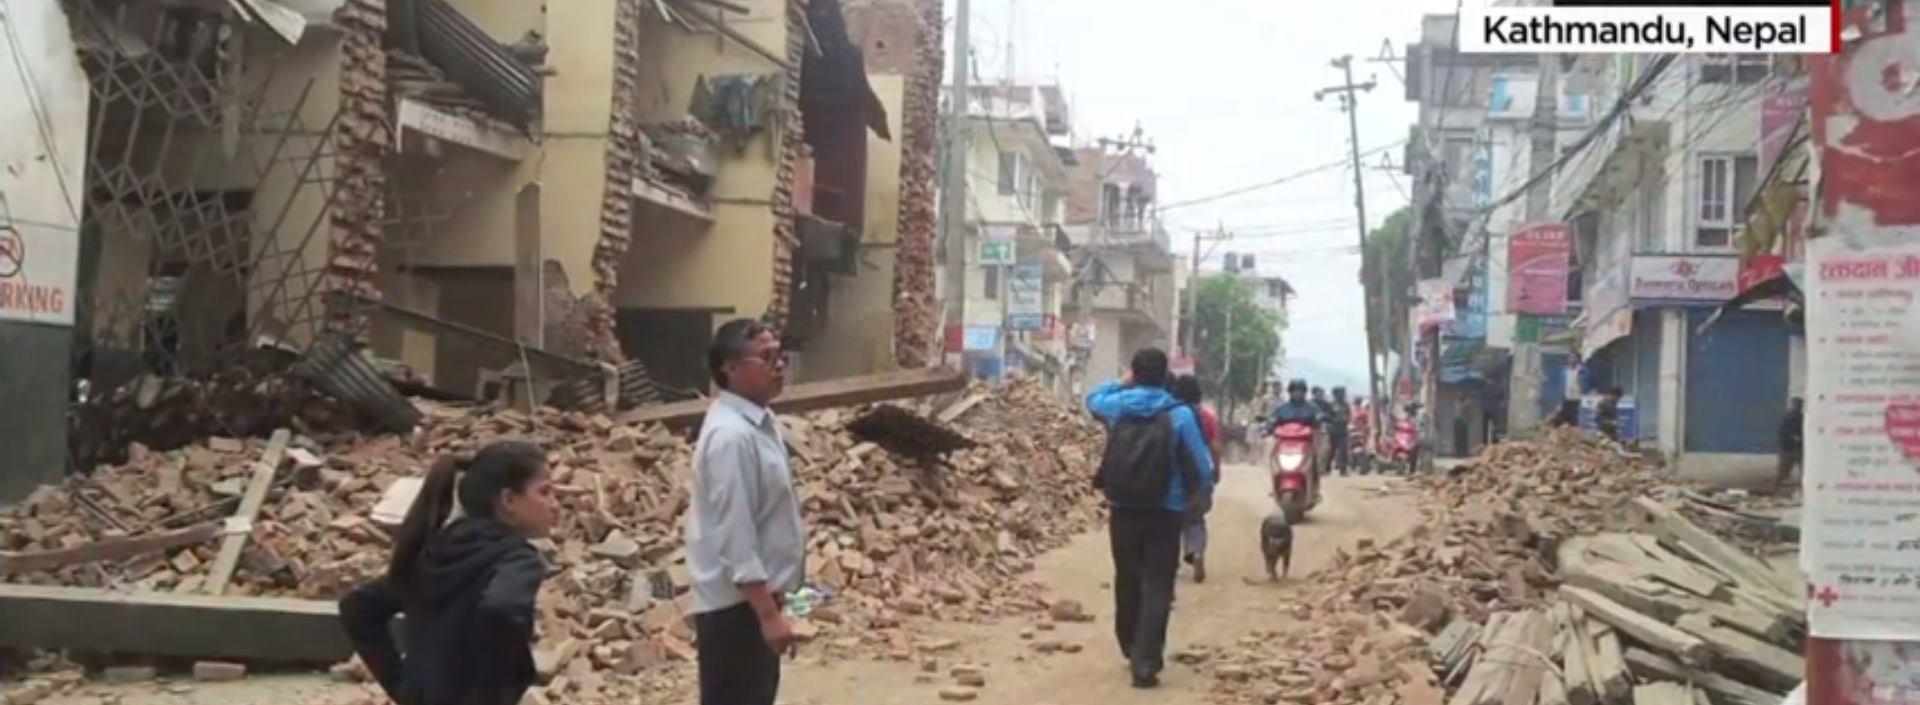 VIDEO: JOŠ SE PROCJENJUJU POSLJEDICE RAZARANJA Broj poginulih u Nepalu premašio 5000